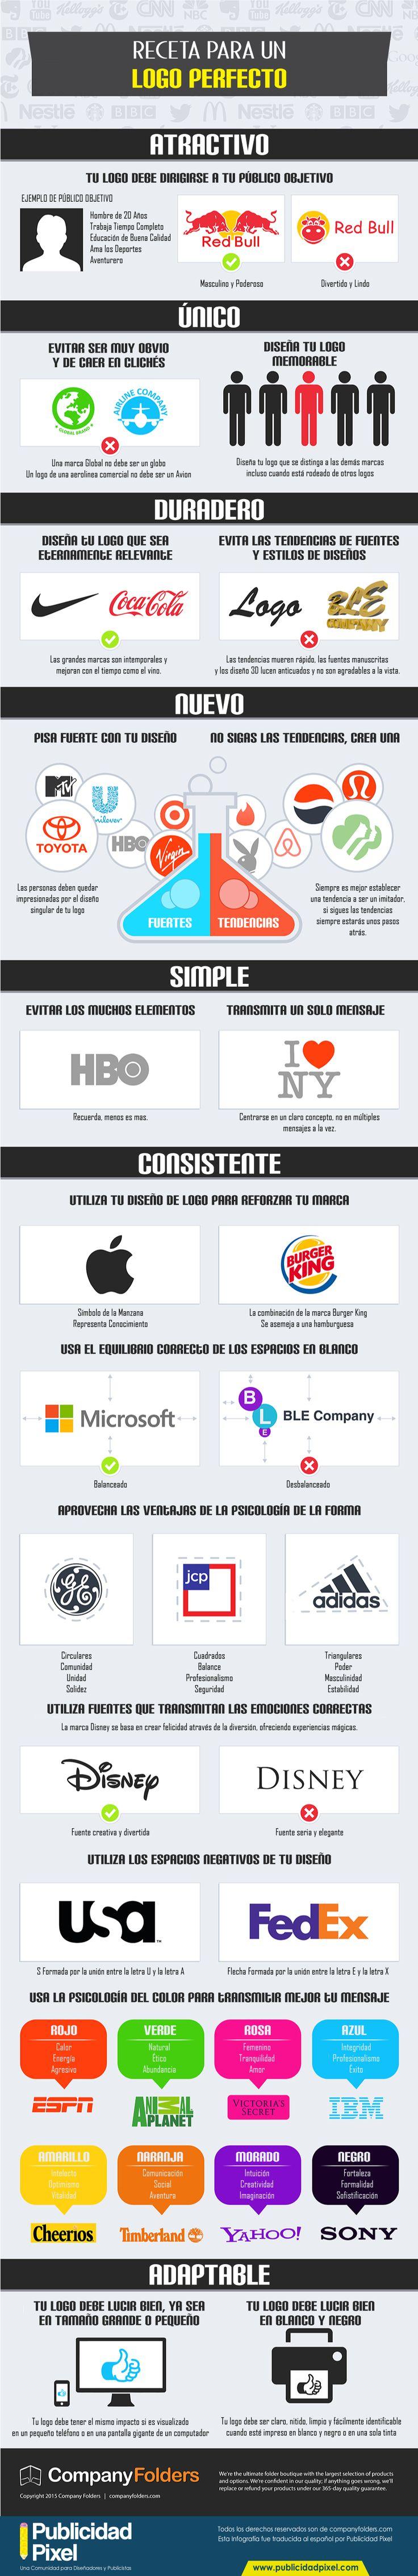 Que componentes debe tener un logo o logotipo perfecto? Cómo crear un logo profesional y que cumpla con los estándares de calidad. INFOGRAFÍA.